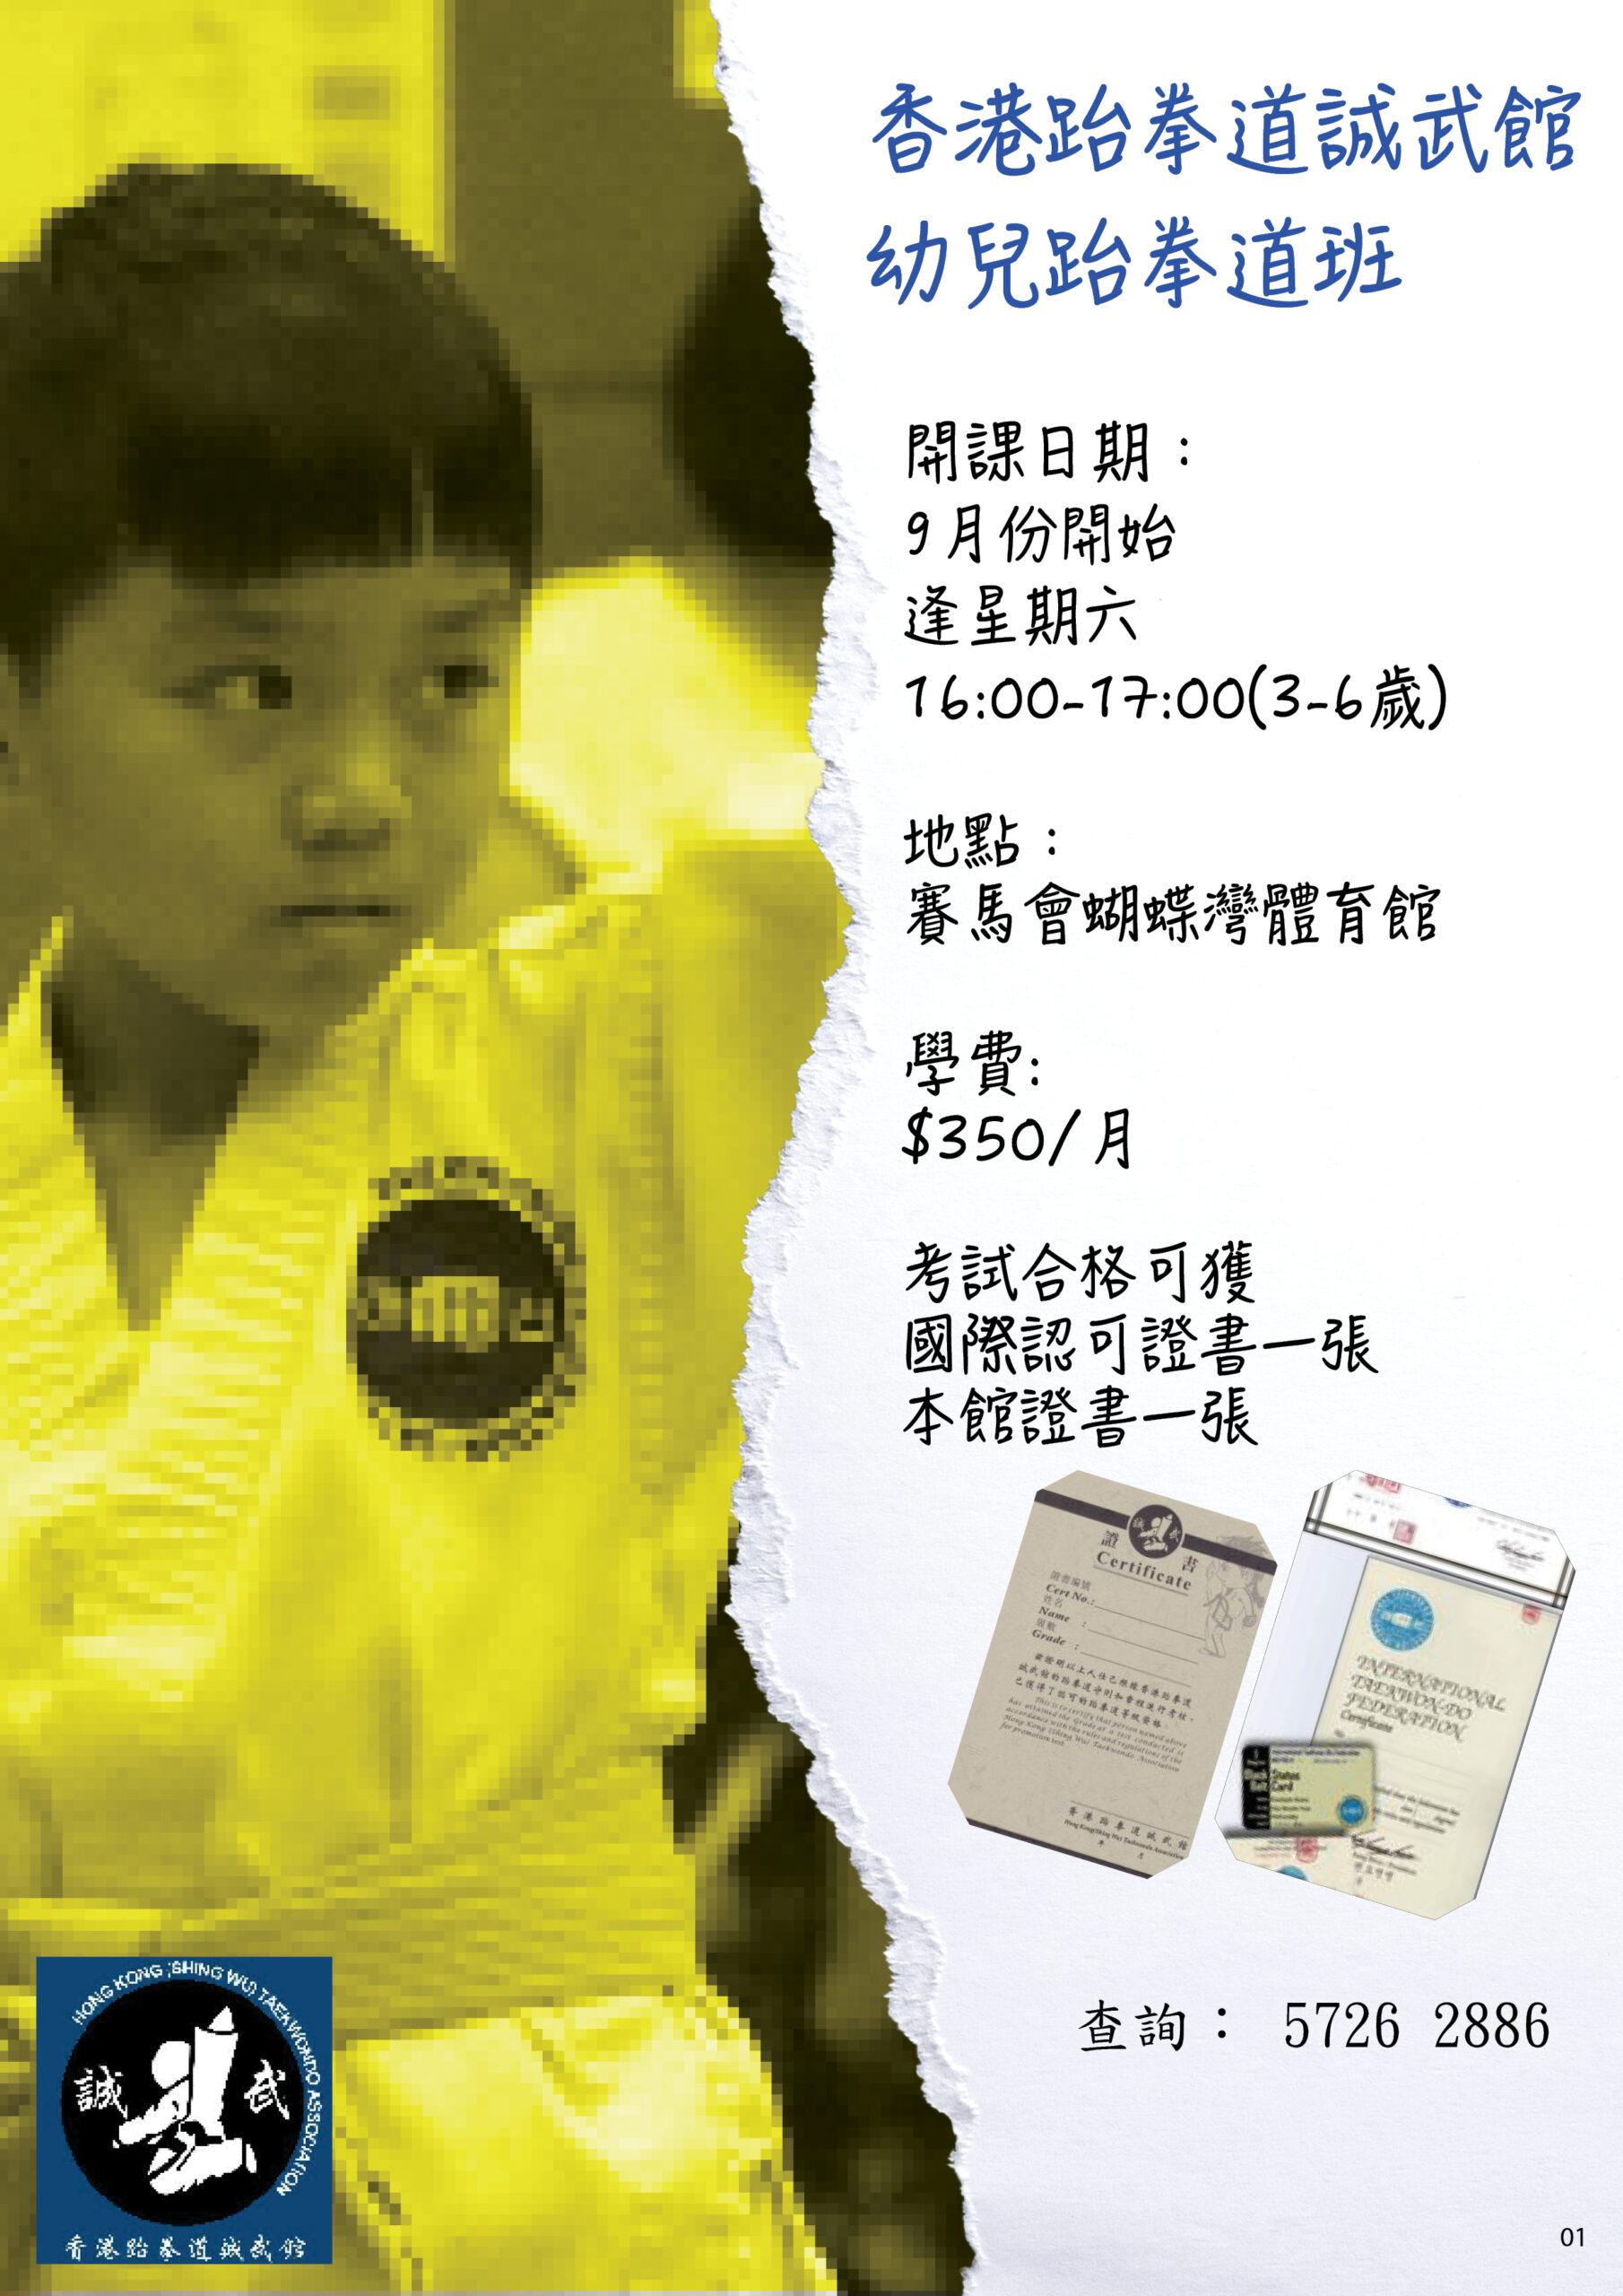 9月份屯門區蝴蝶幼兒跆拳道班